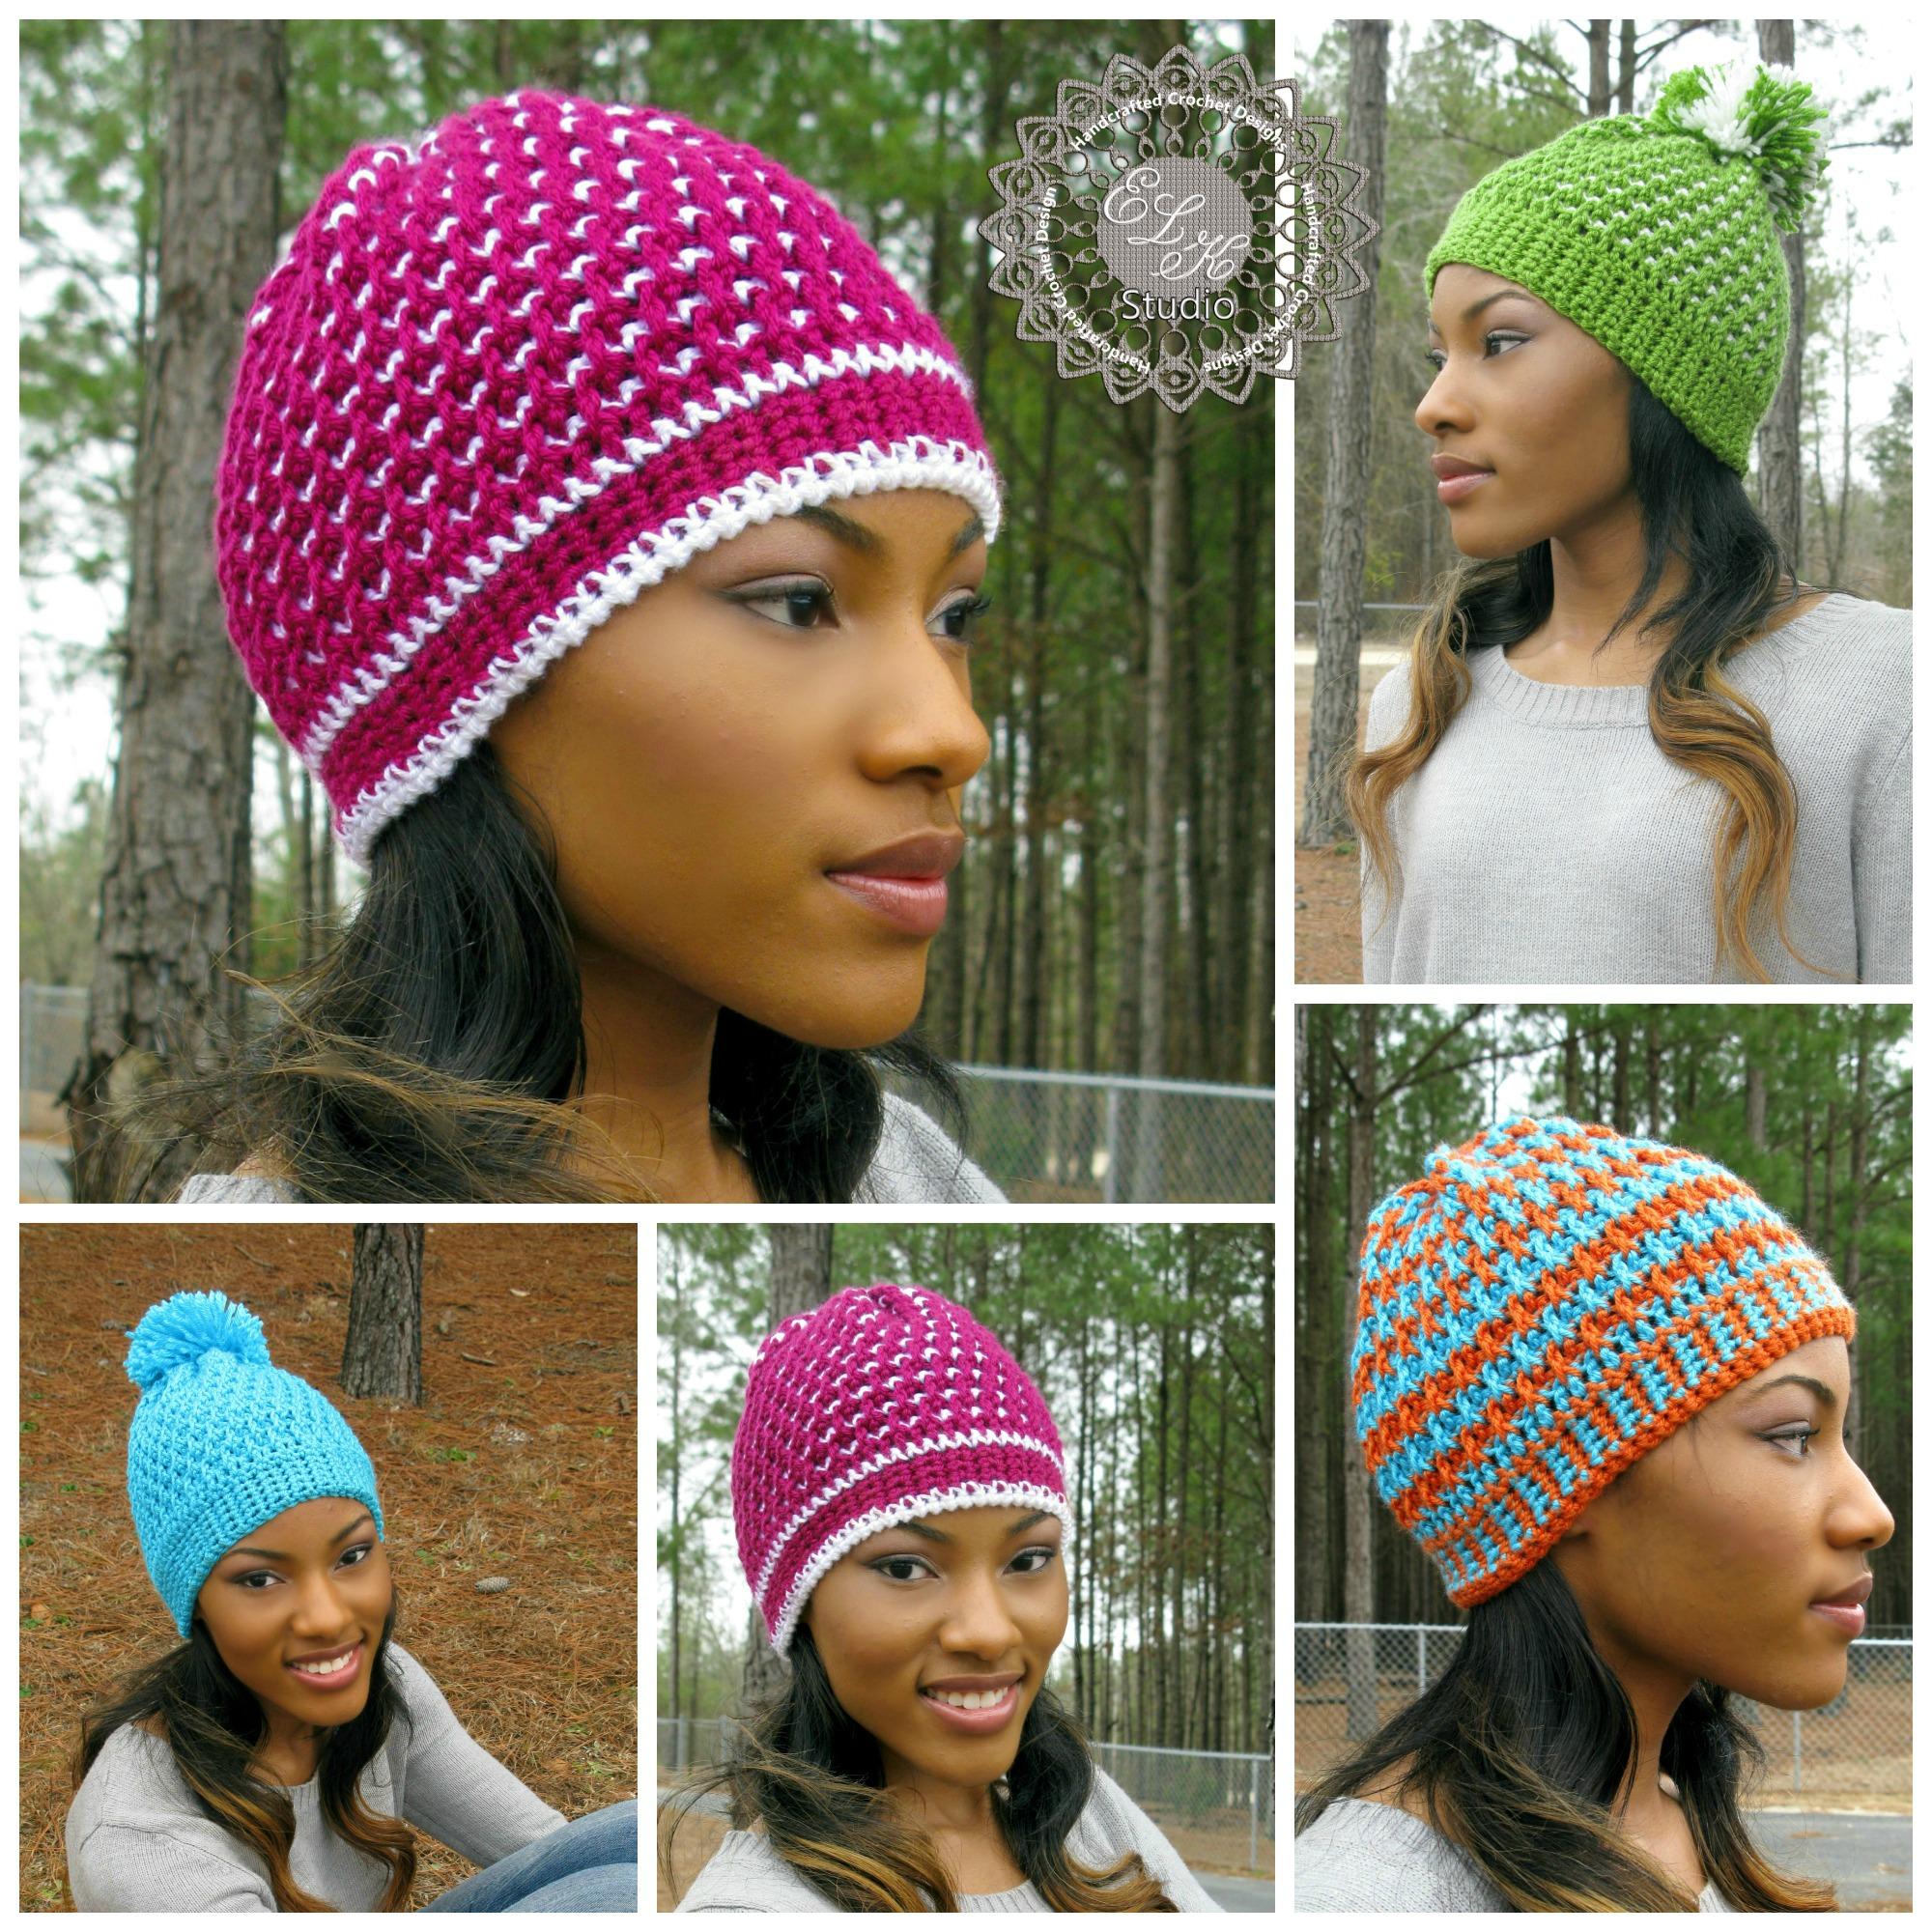 crochet patterns | ELK Studio – Handcrafted Crochet Designs